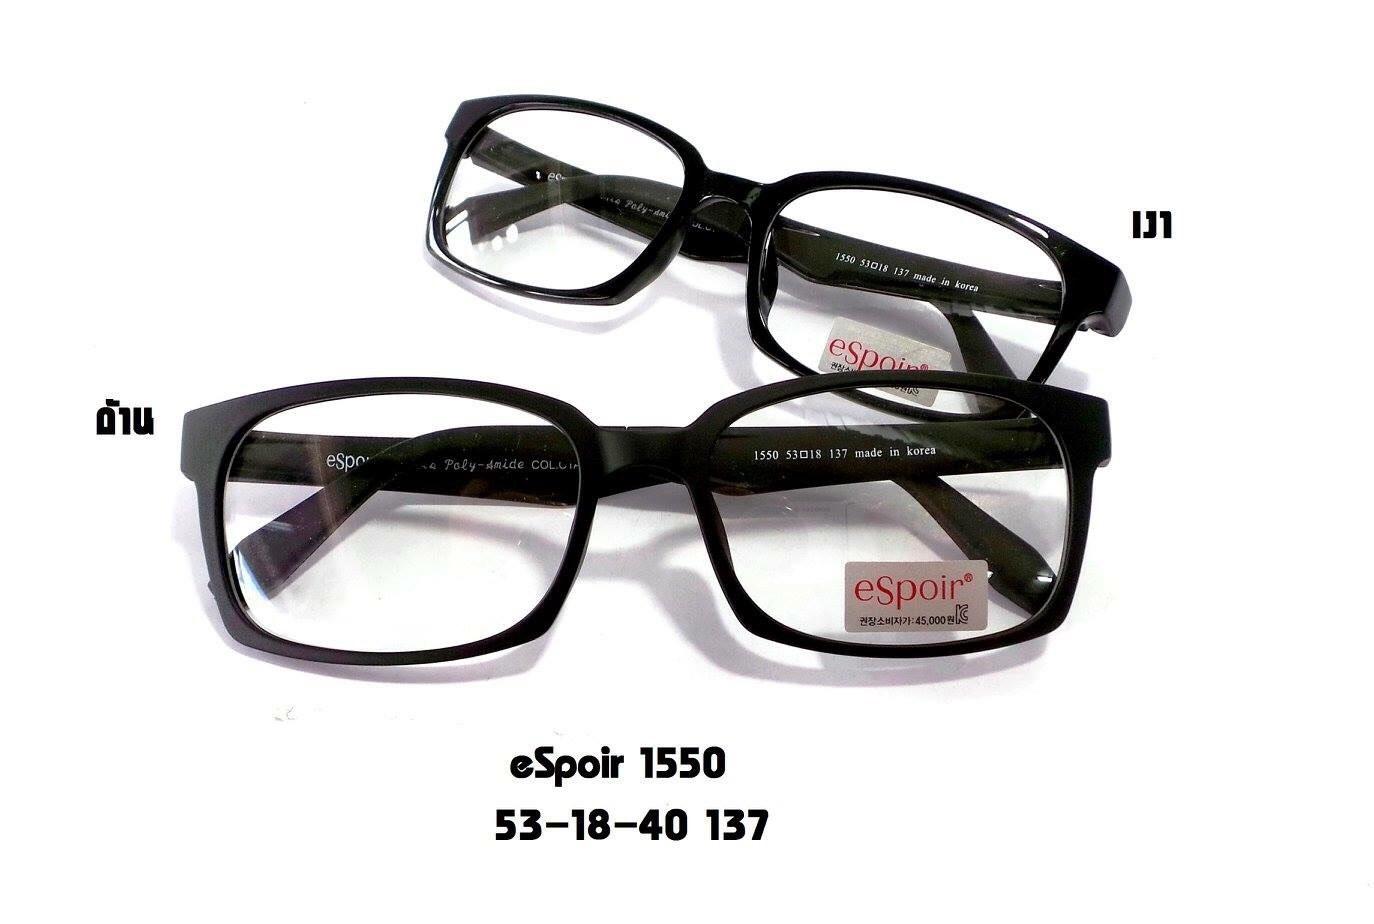 eSpoir 1550 โปรโมชั่น กรอบแว่นตาพร้อมเลนส์ HOYA ราคา 1300 บาท